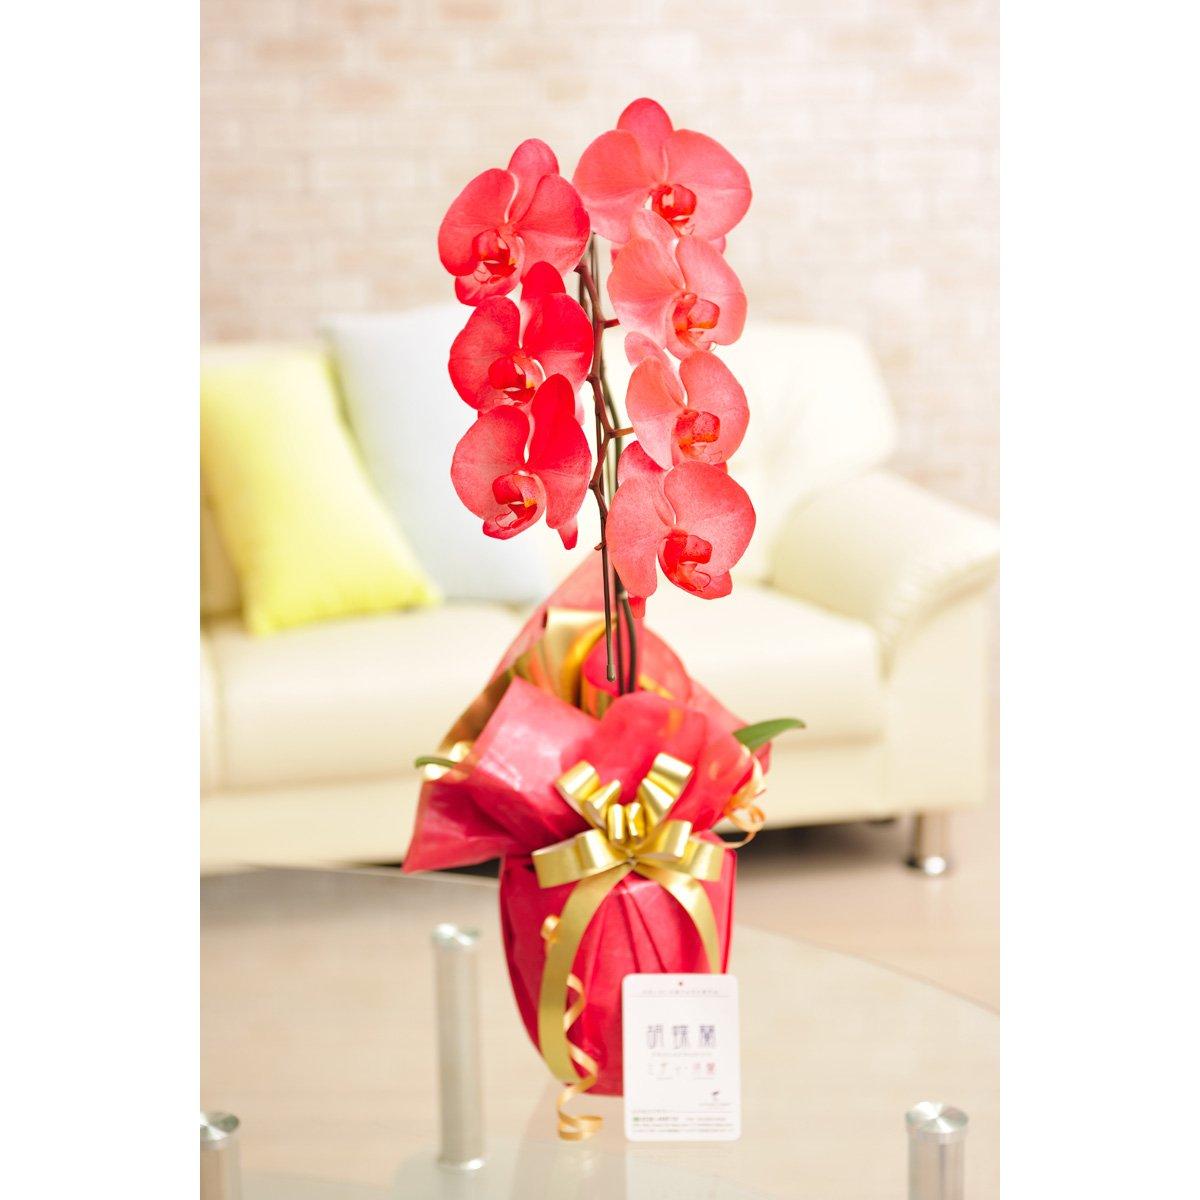 花とギフトのセット 選べる花色のカラー胡蝶蘭 彩 - irodori - 1本立 赤(暖色系)とカタログギフト(ミストラル/マロウ) B07DNVSK3T 赤 赤